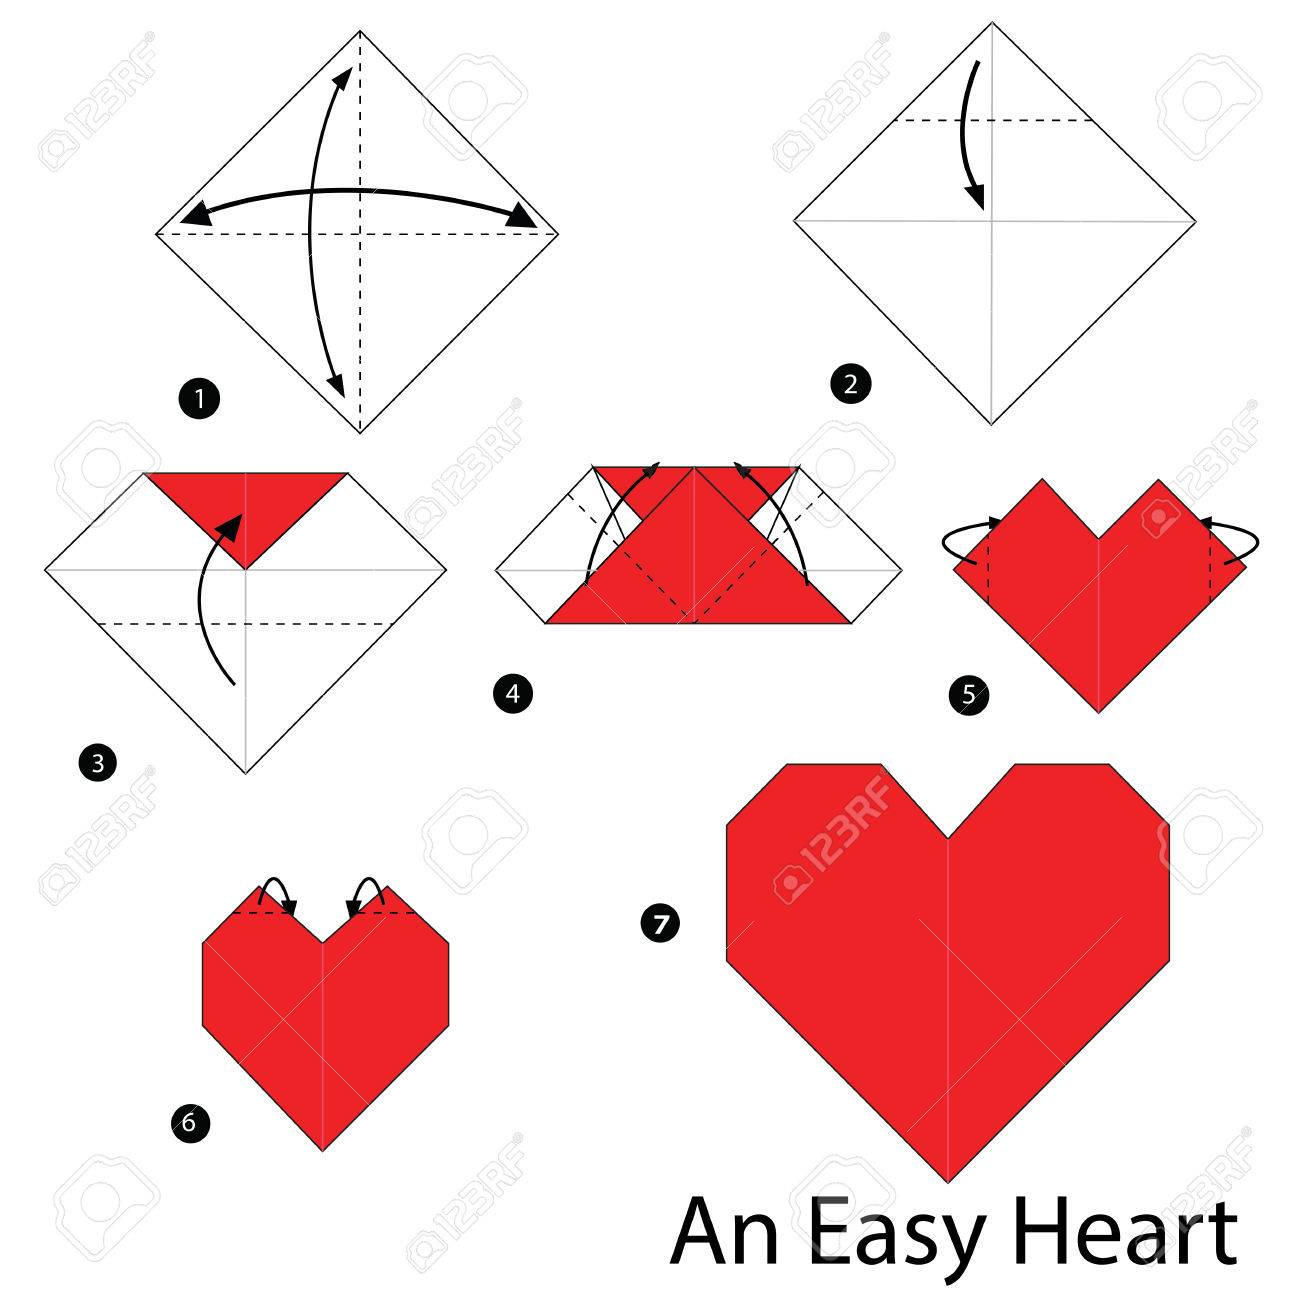 Instrucciones Paso A Paso Como Hacer Origami Un Corazon Facil - Origami-corazn